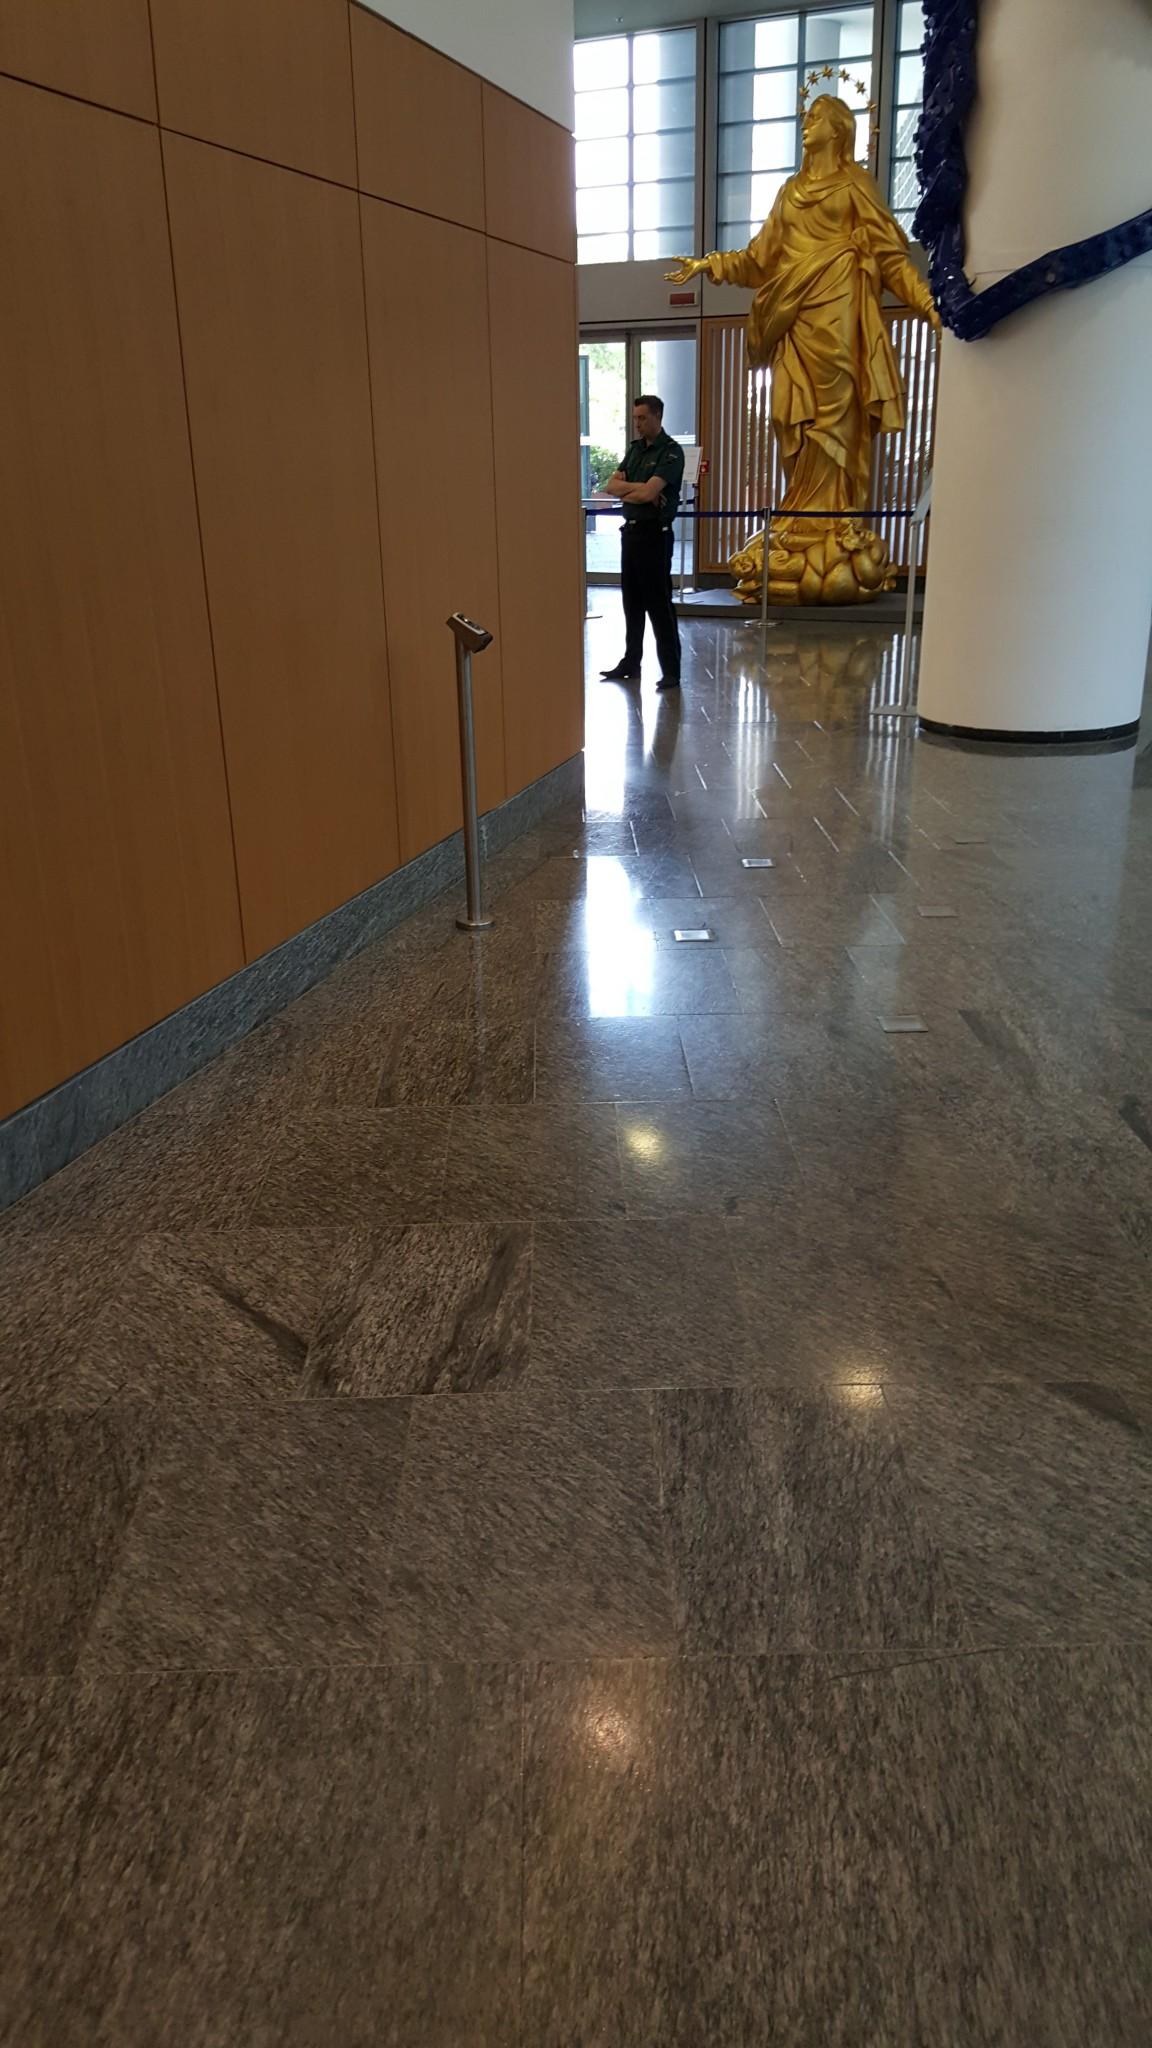 Regione Lombardia: pavimentazione interna in marmo lucidato